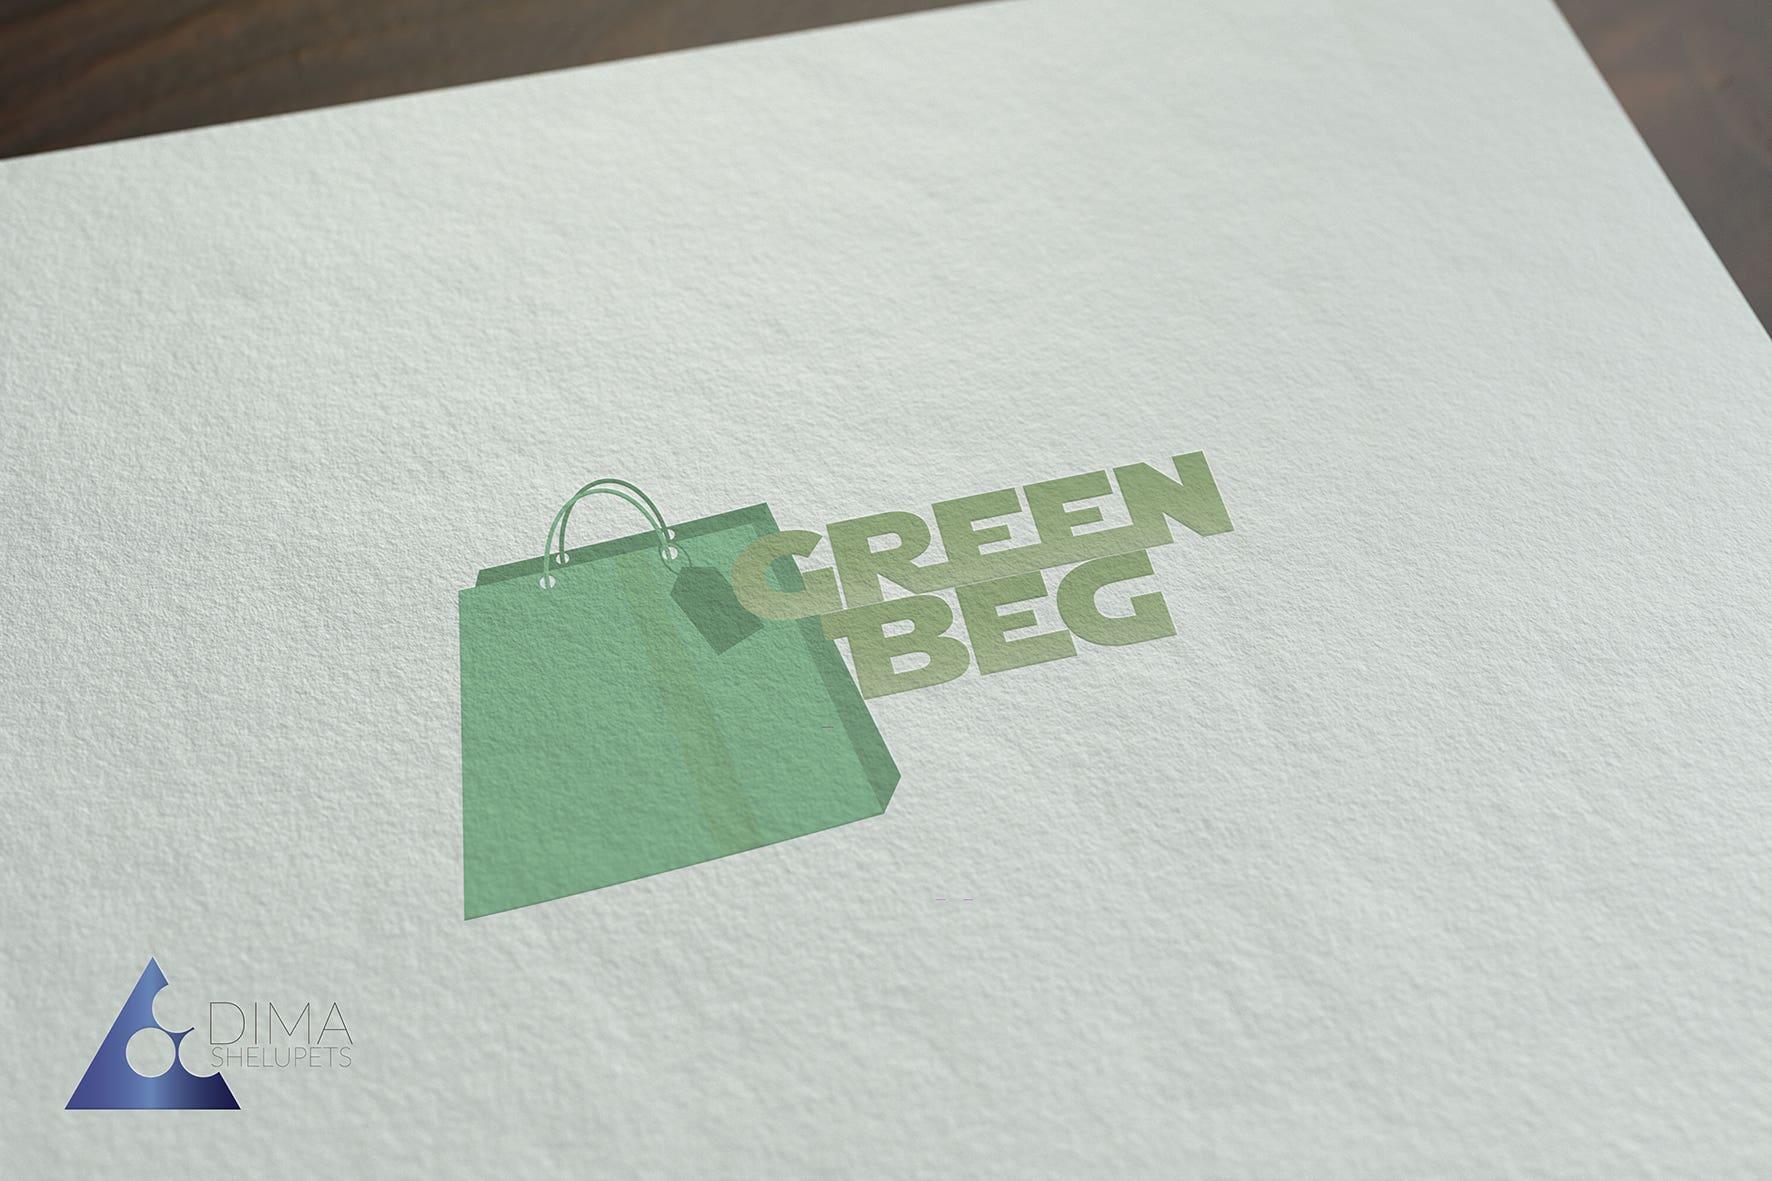 GreenBeg